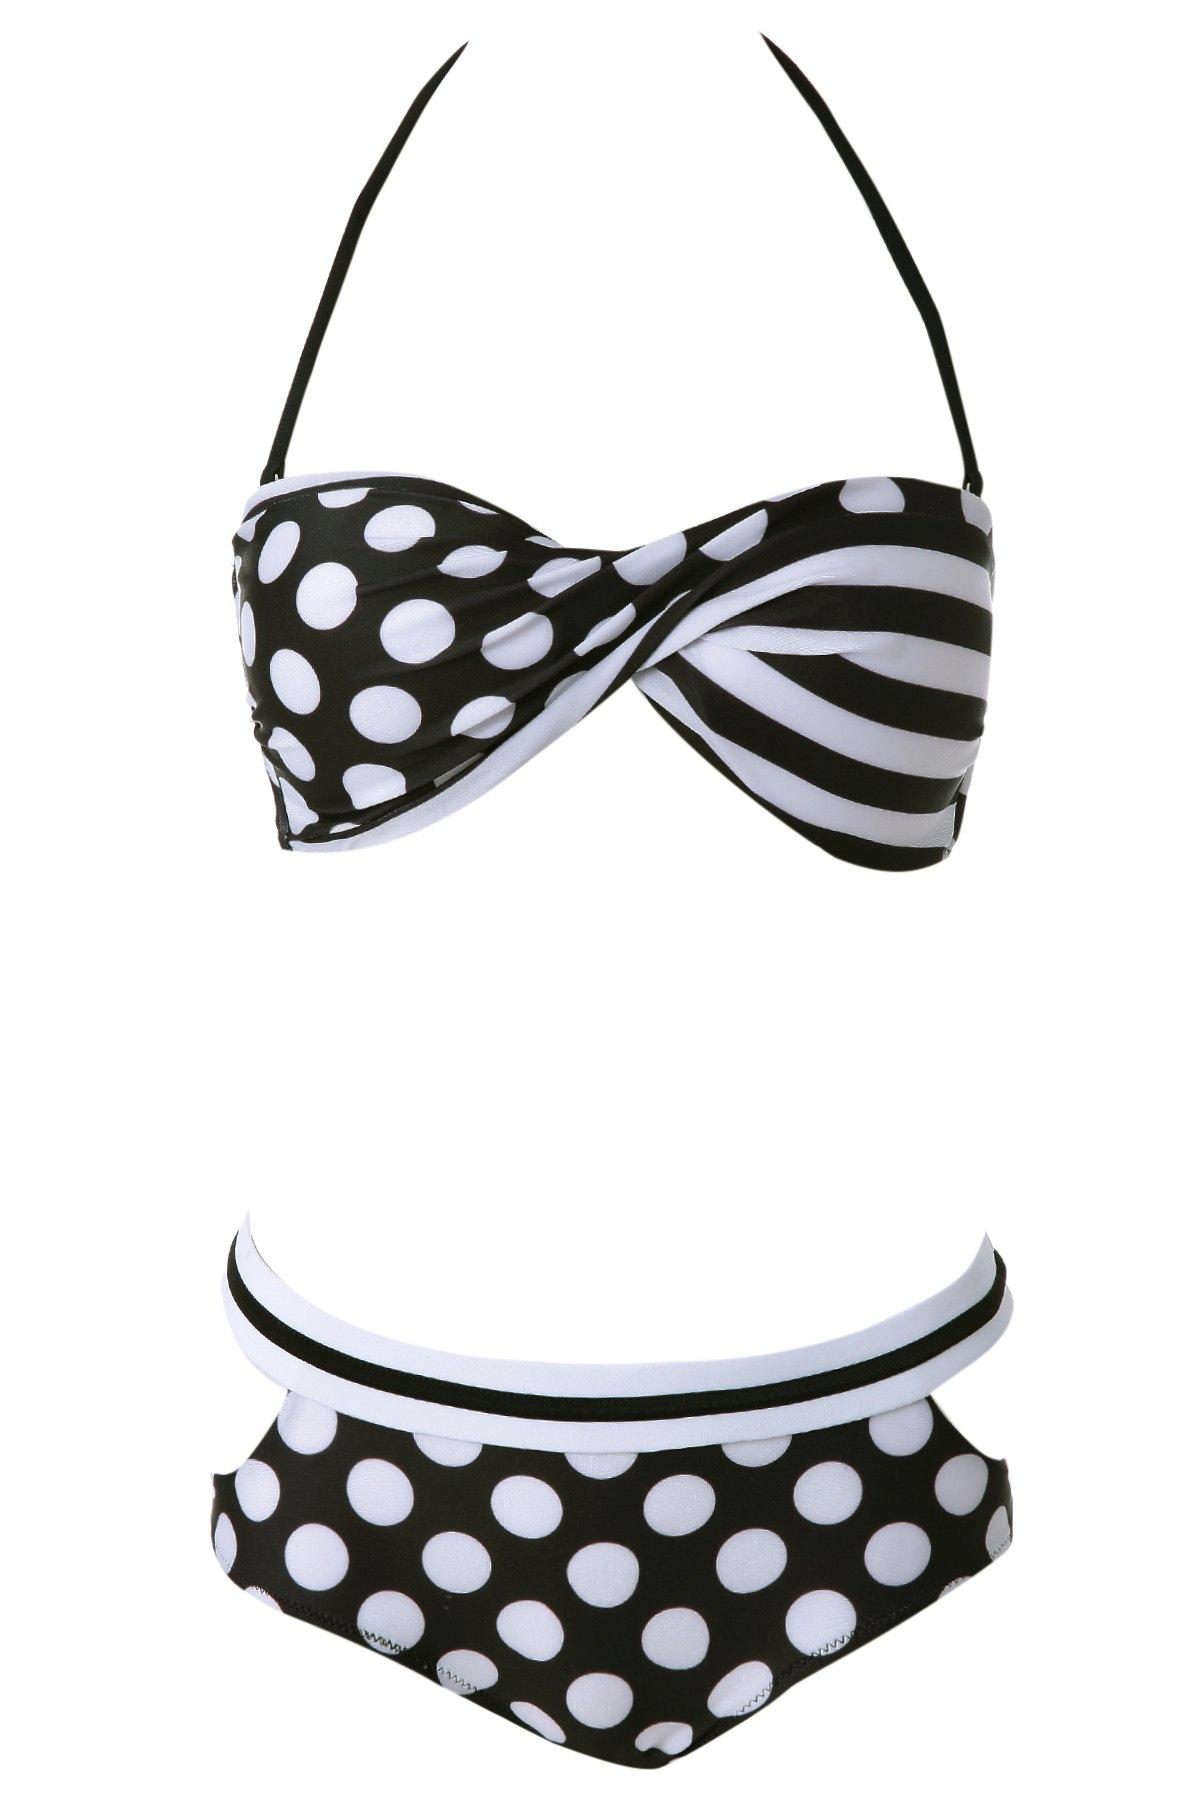 Halter Polka Dot Bikini Set - WHITE S